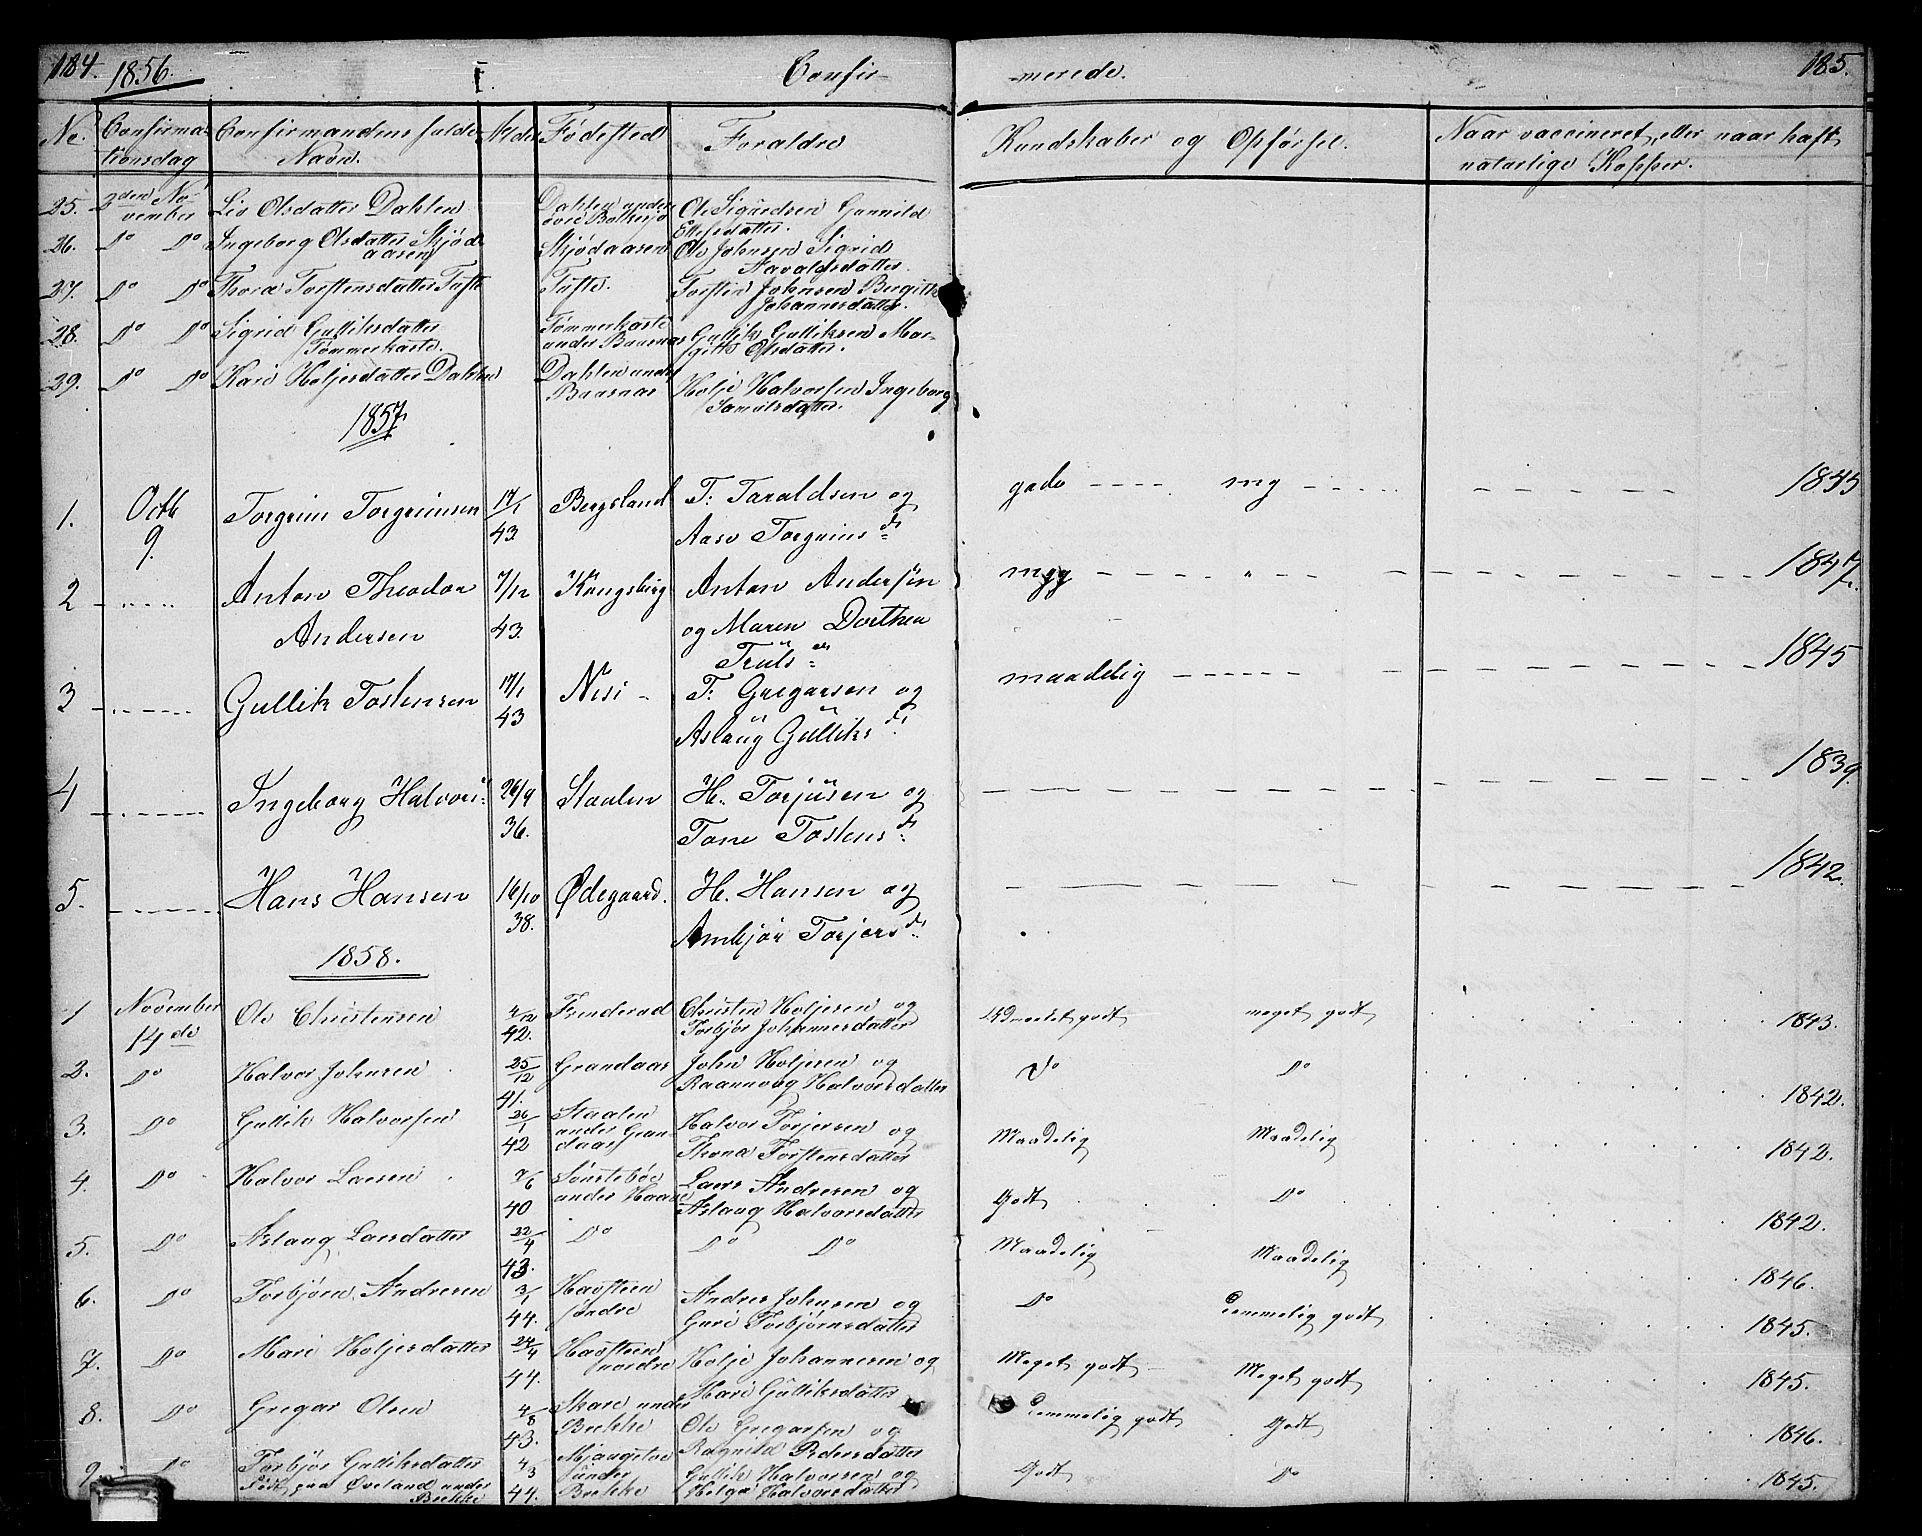 SAKO, Gransherad kirkebøker, G/Ga/L0002: Klokkerbok nr. I 2, 1854-1886, s. 184-185